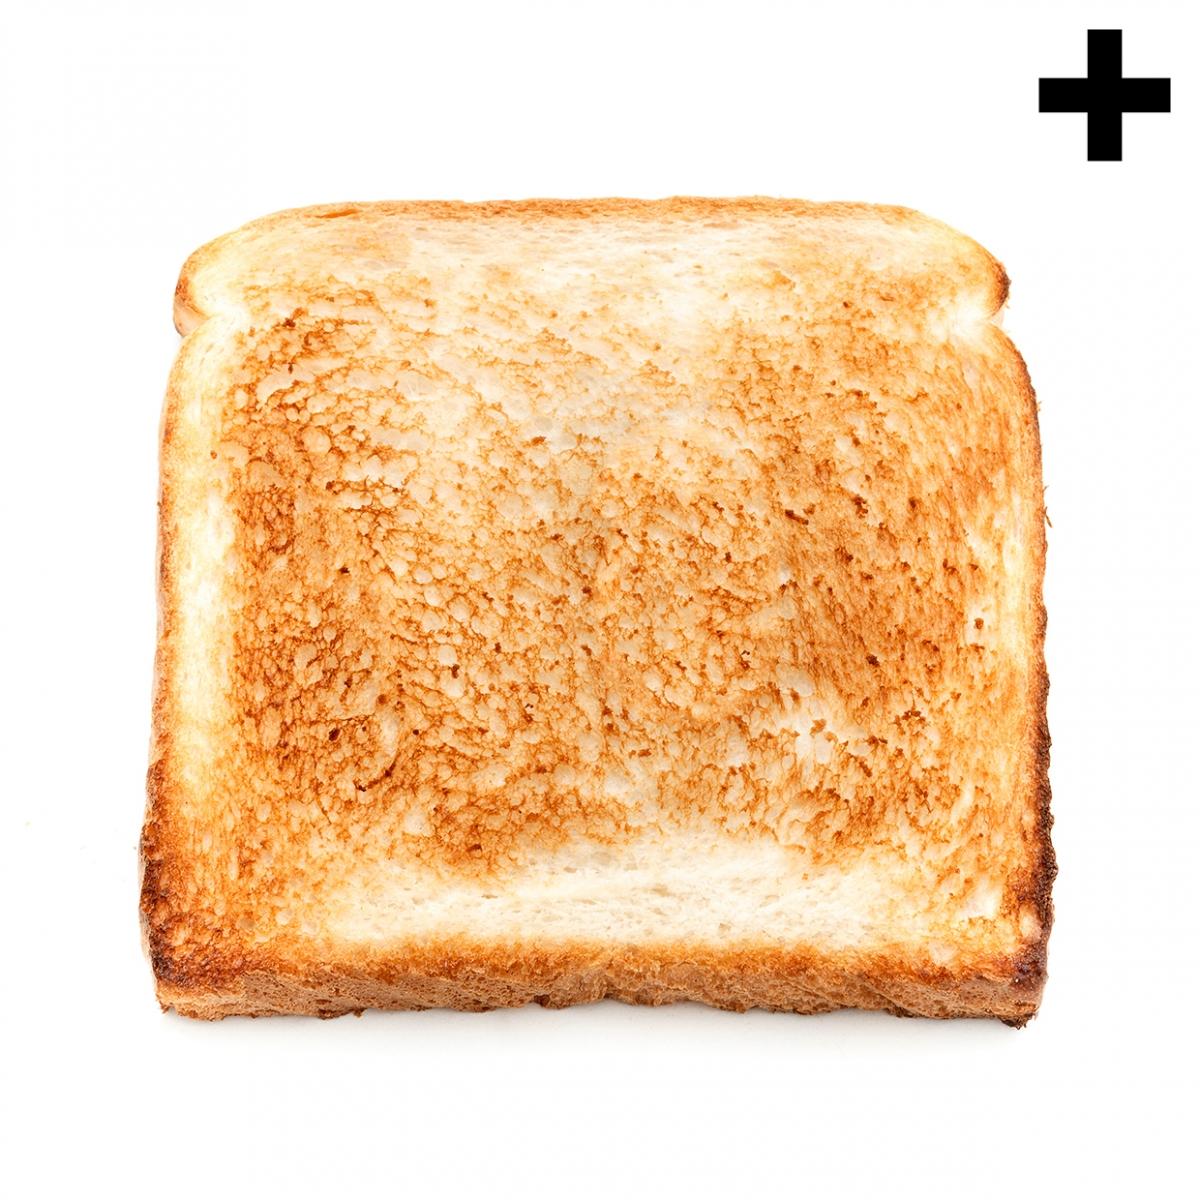 Imagen en la que se ve una tostada de pan de molde